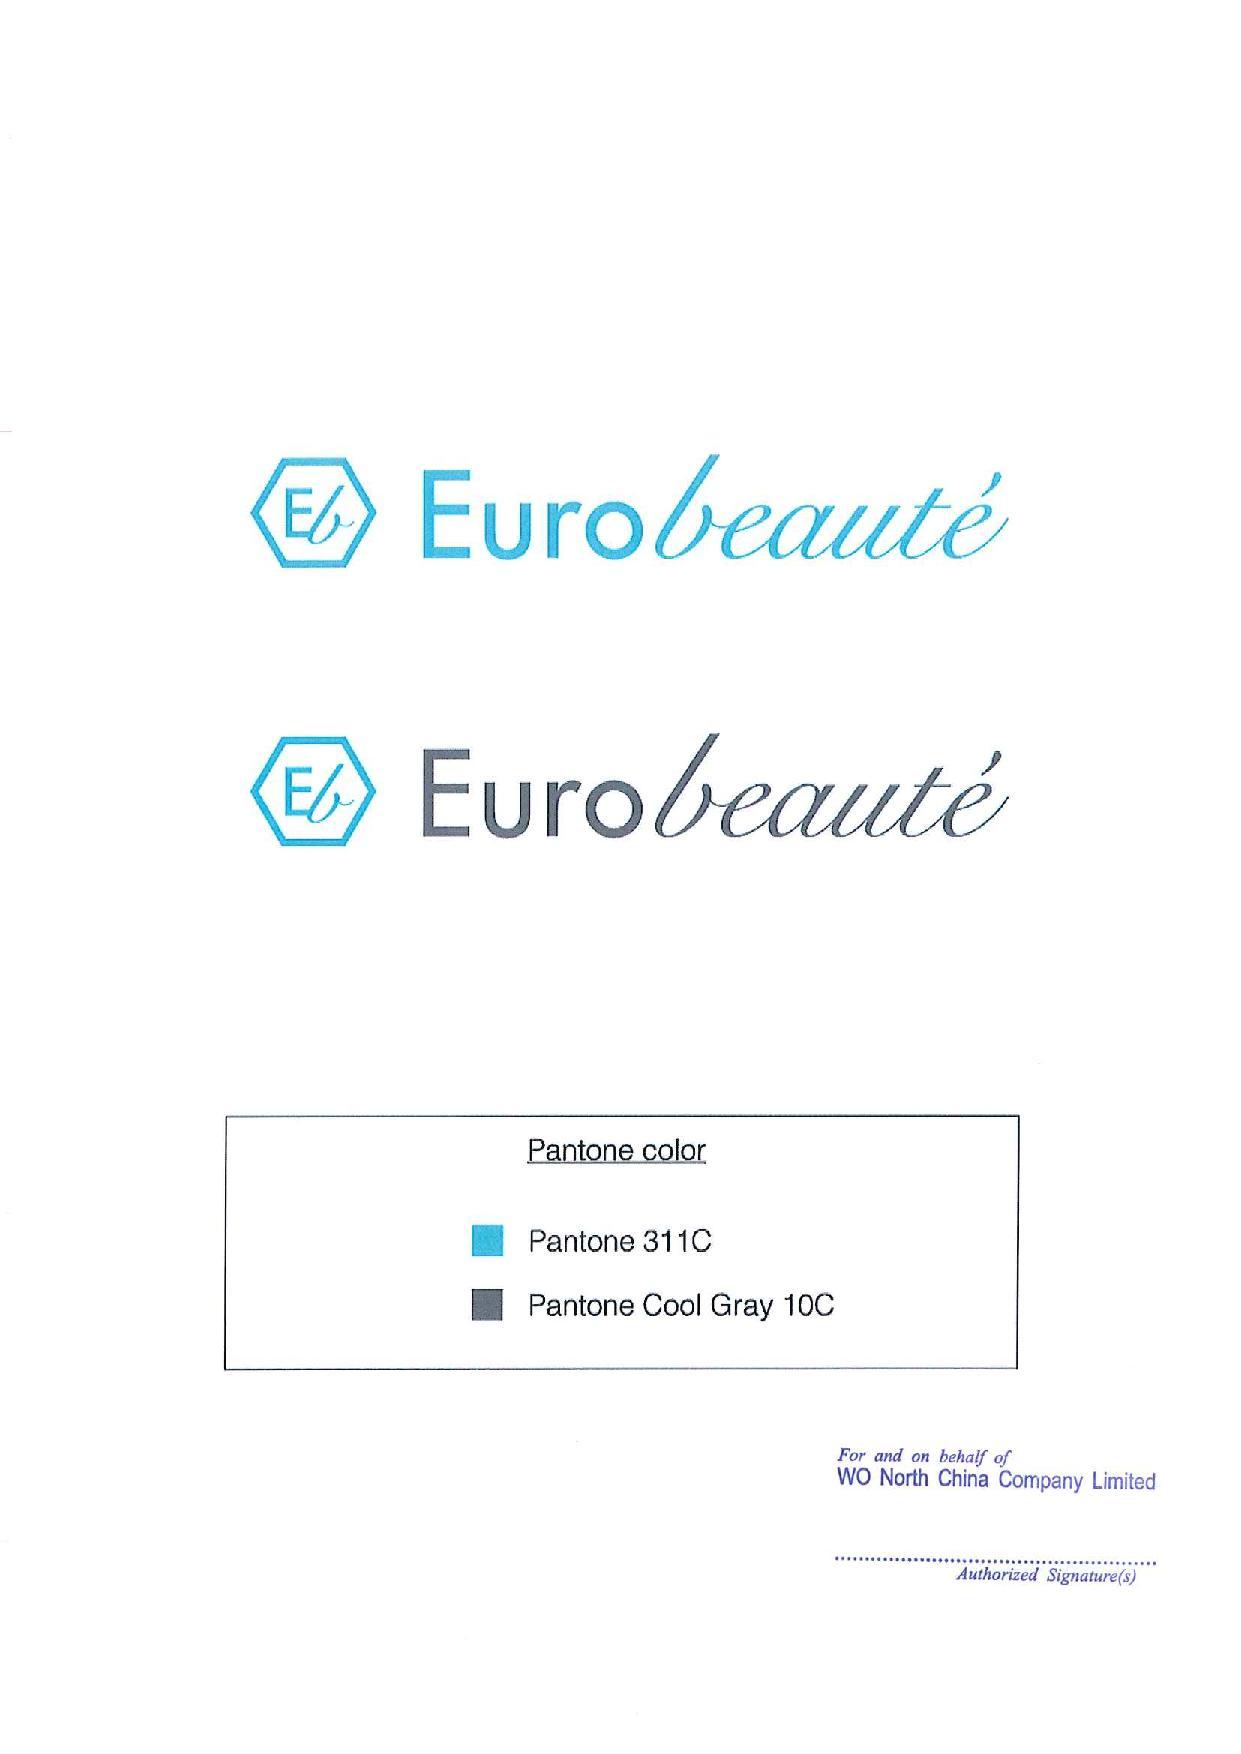 Eurobeaute